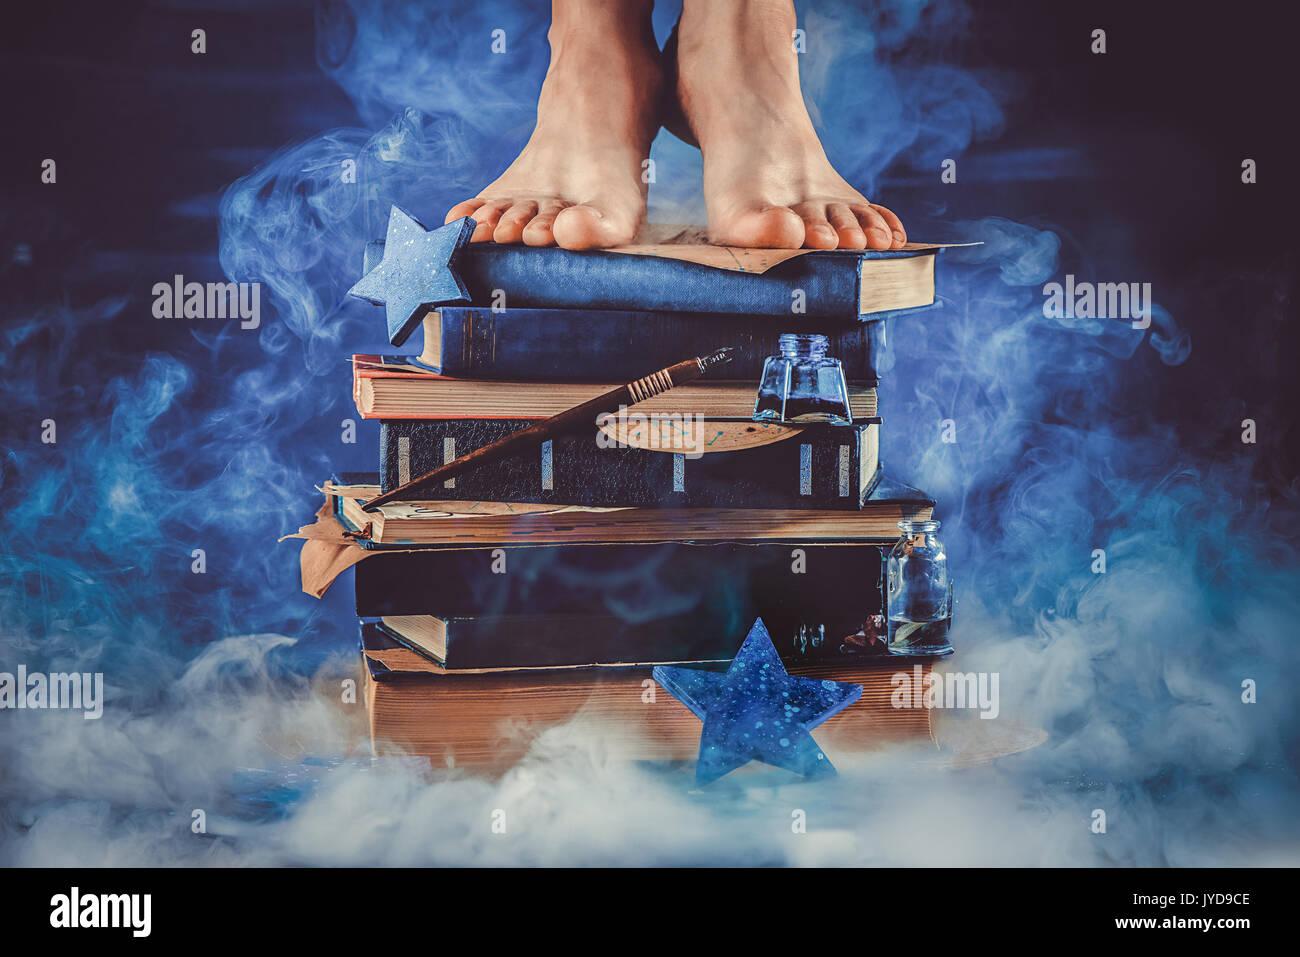 Kid debout sur une pile de livres au milieu d'un nuage de fumée sombre. la vie encore dans les tons de bleu. l'éducation métaphore. Photo Stock